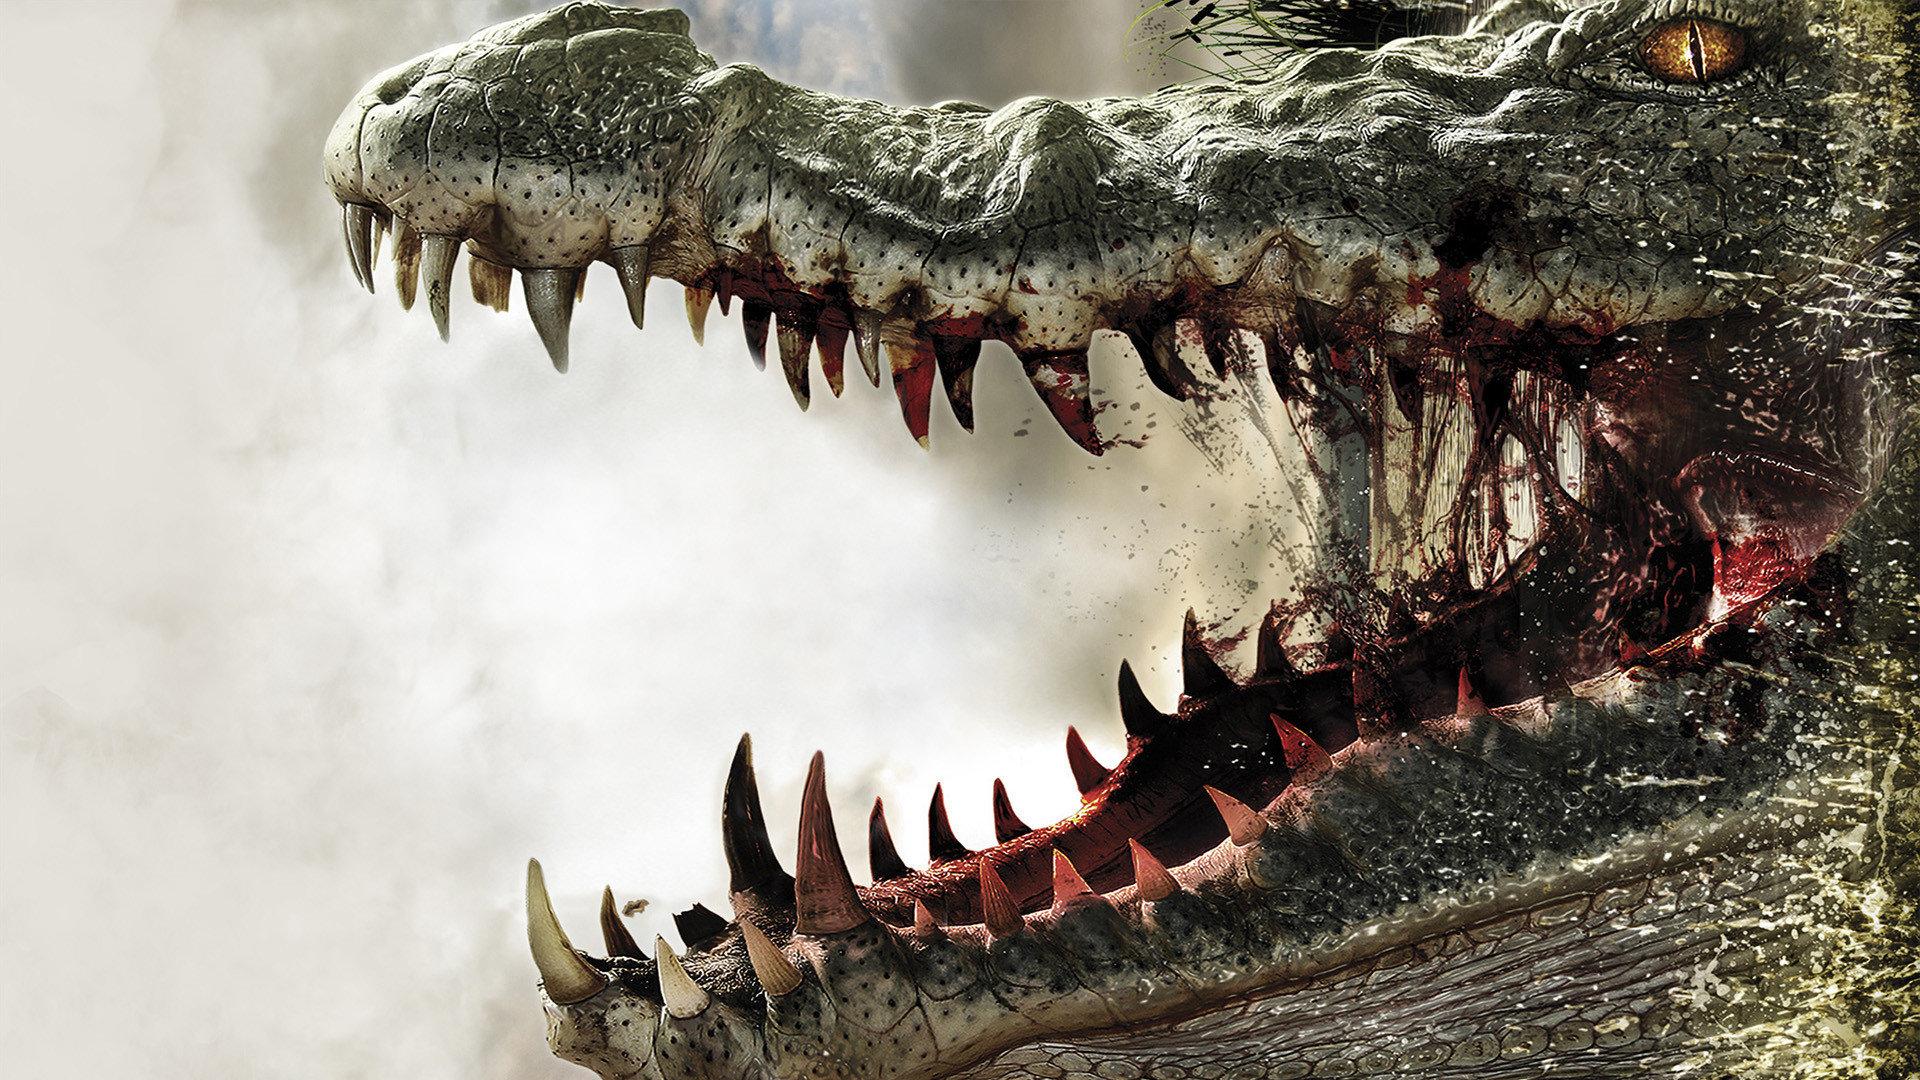 photos of crocodile